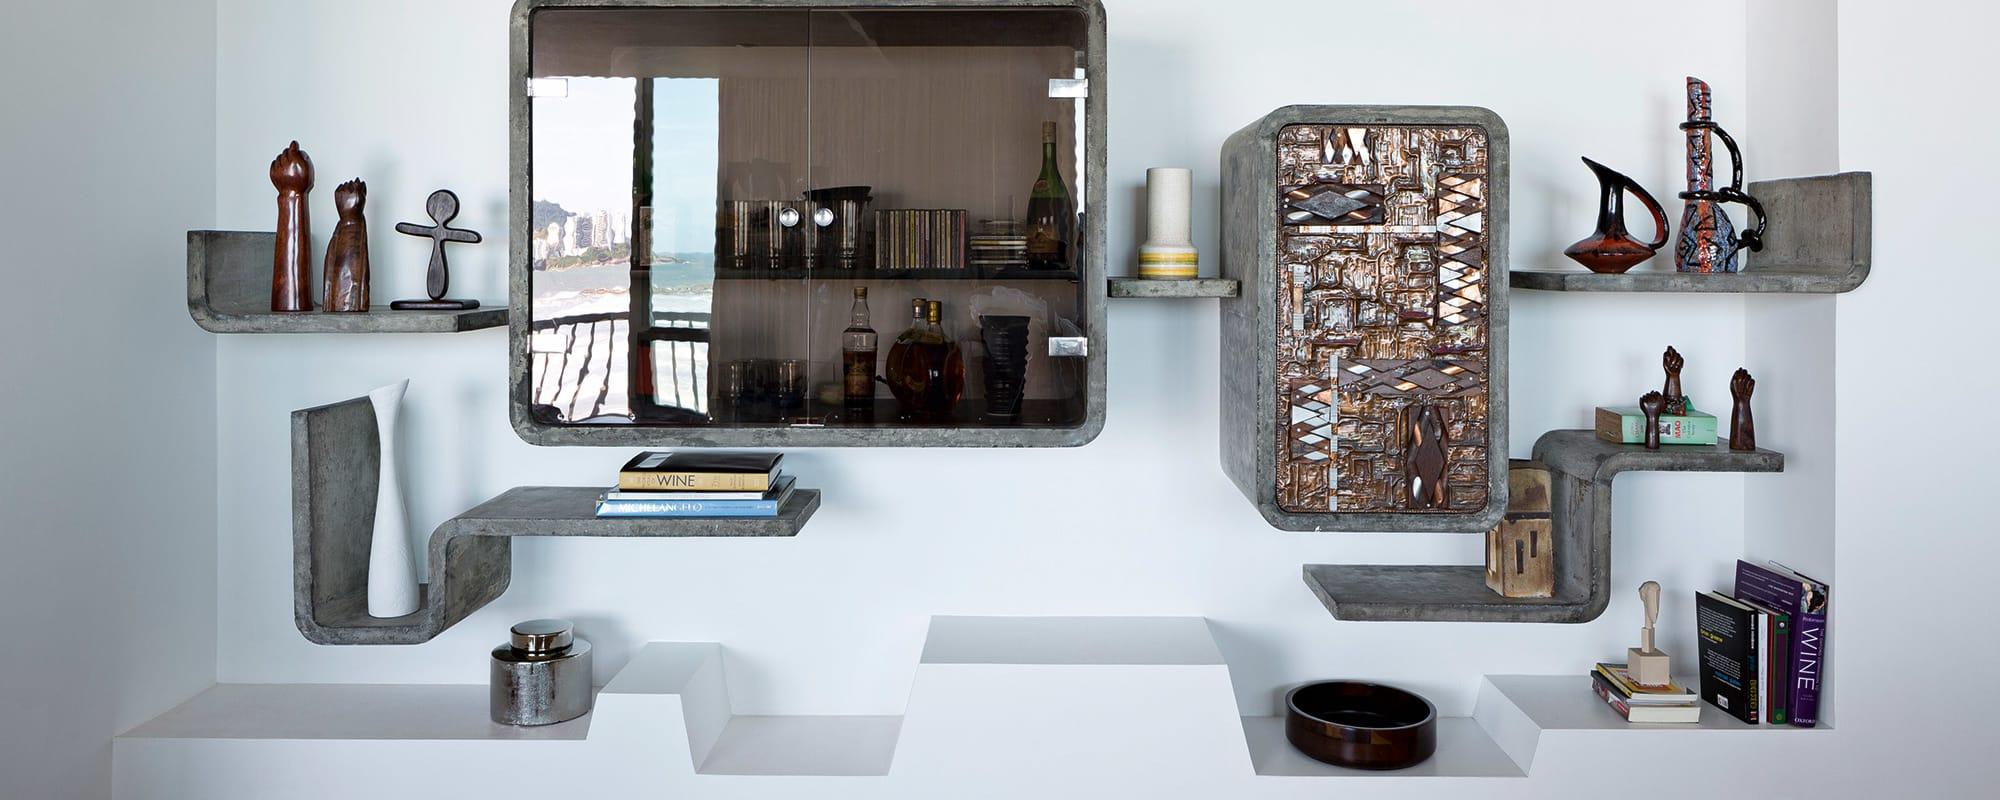 Unikat, Wandregal, Wohnzimmerregal, Glasfront, Schränkchen, Hugo Rodriguez, Relief, Beton, Brasiien-style, René Fernandez, São Paulo,